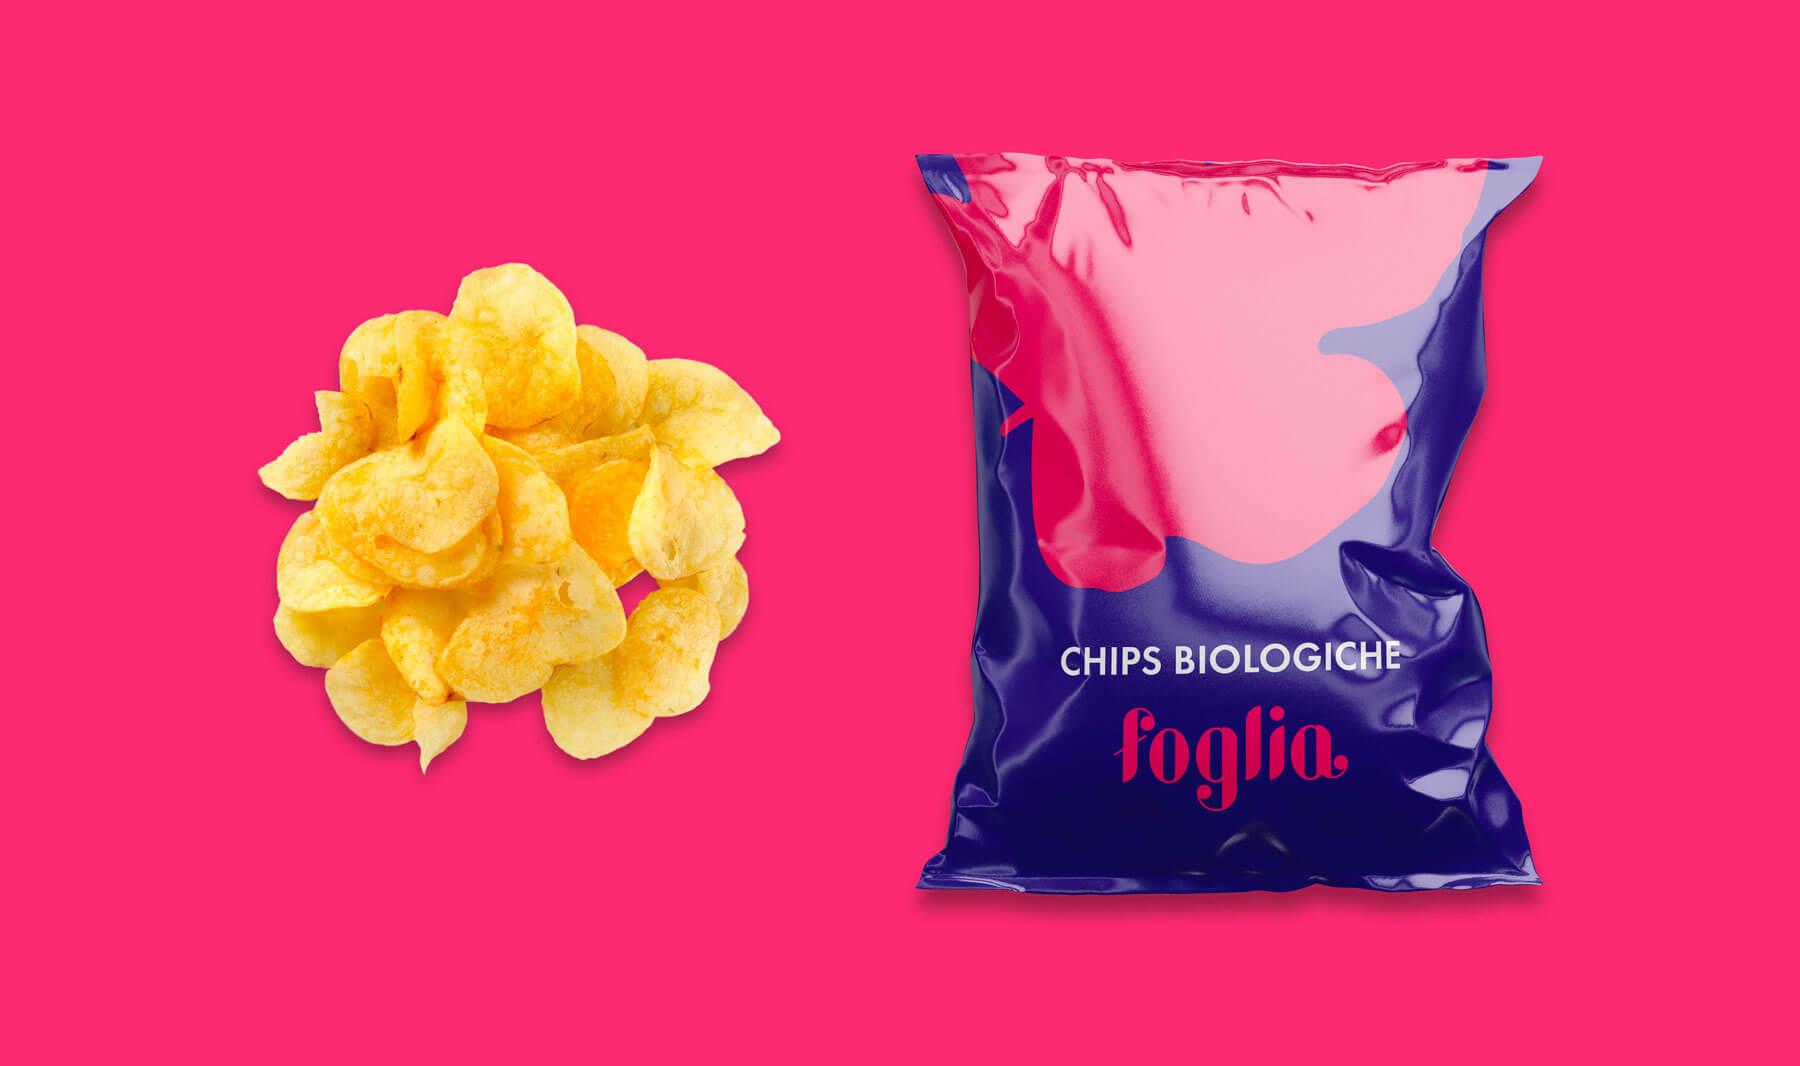 sulla destra packaging viola di una confezione di chips biologiche con logo e brand identity di foglia, sulla sinistra chips scioltie su sfondo fucsia